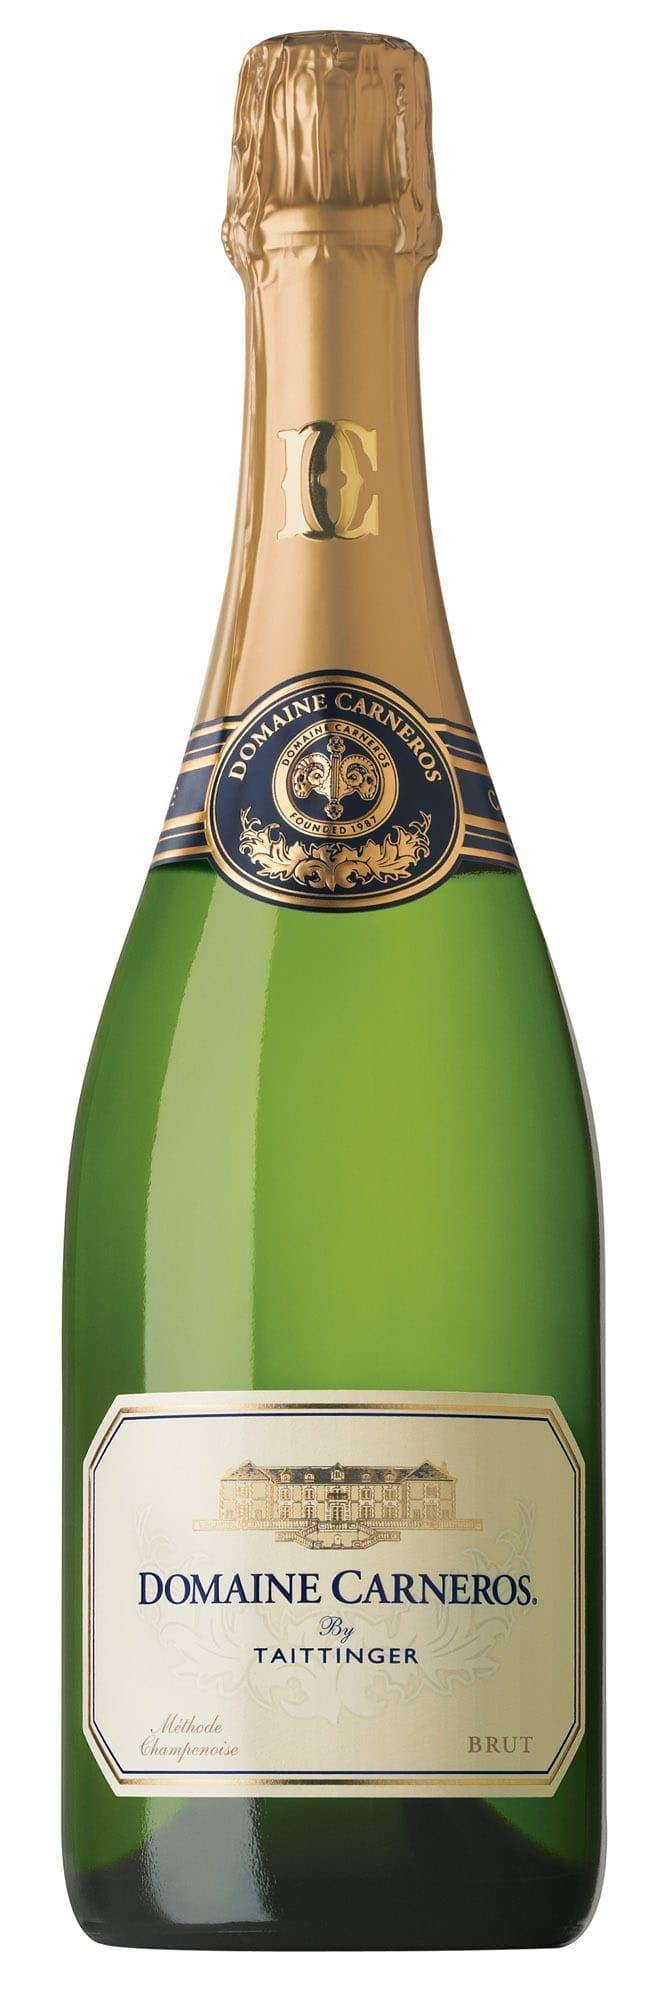 Domaine Carneros Brut sparkling wine bottle shot